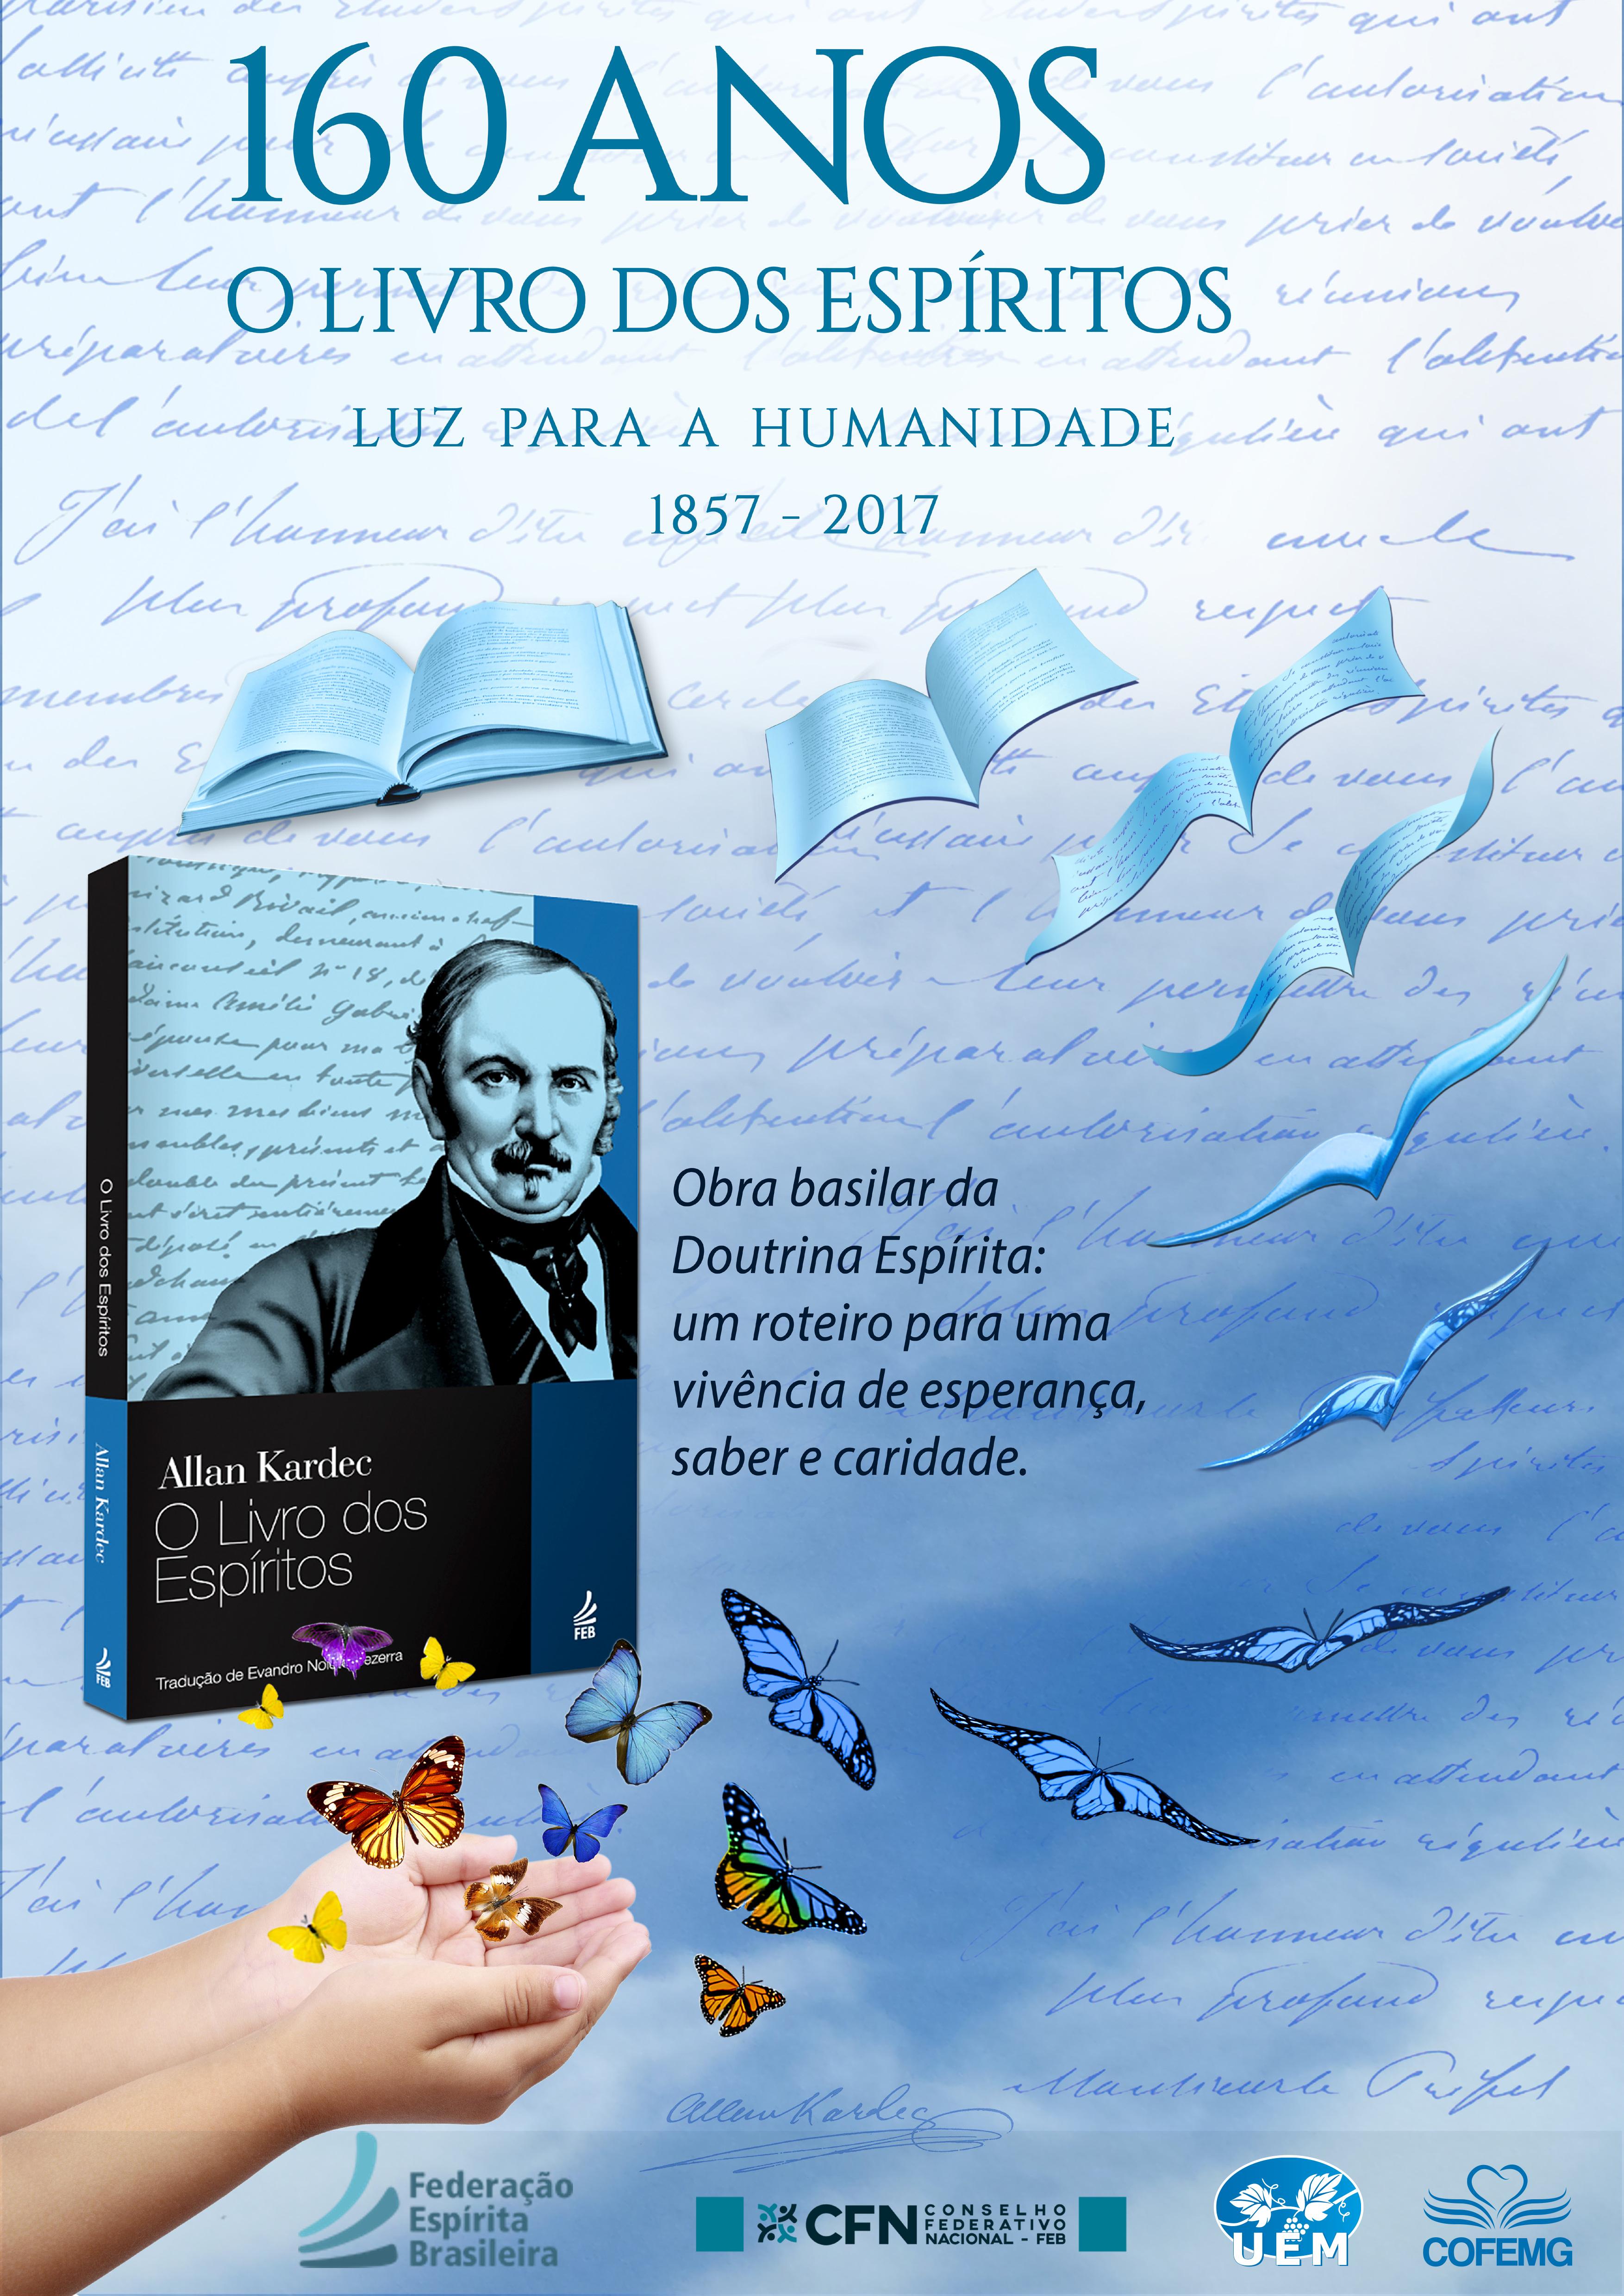 Cartaz de Comemoração dos 160 anos de O Livro dos